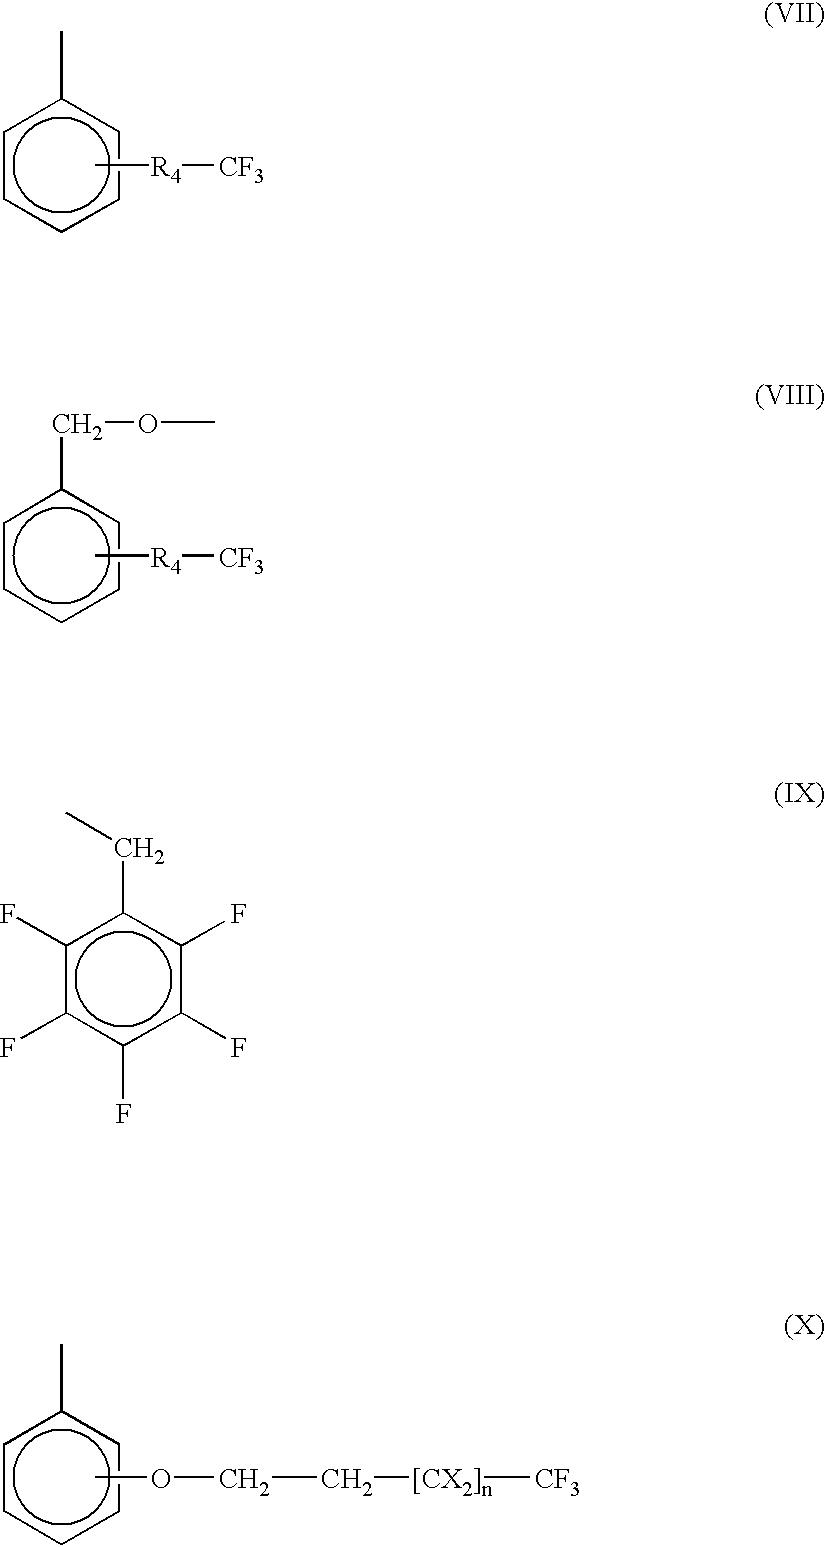 Figure US20030096929A1-20030522-C00005